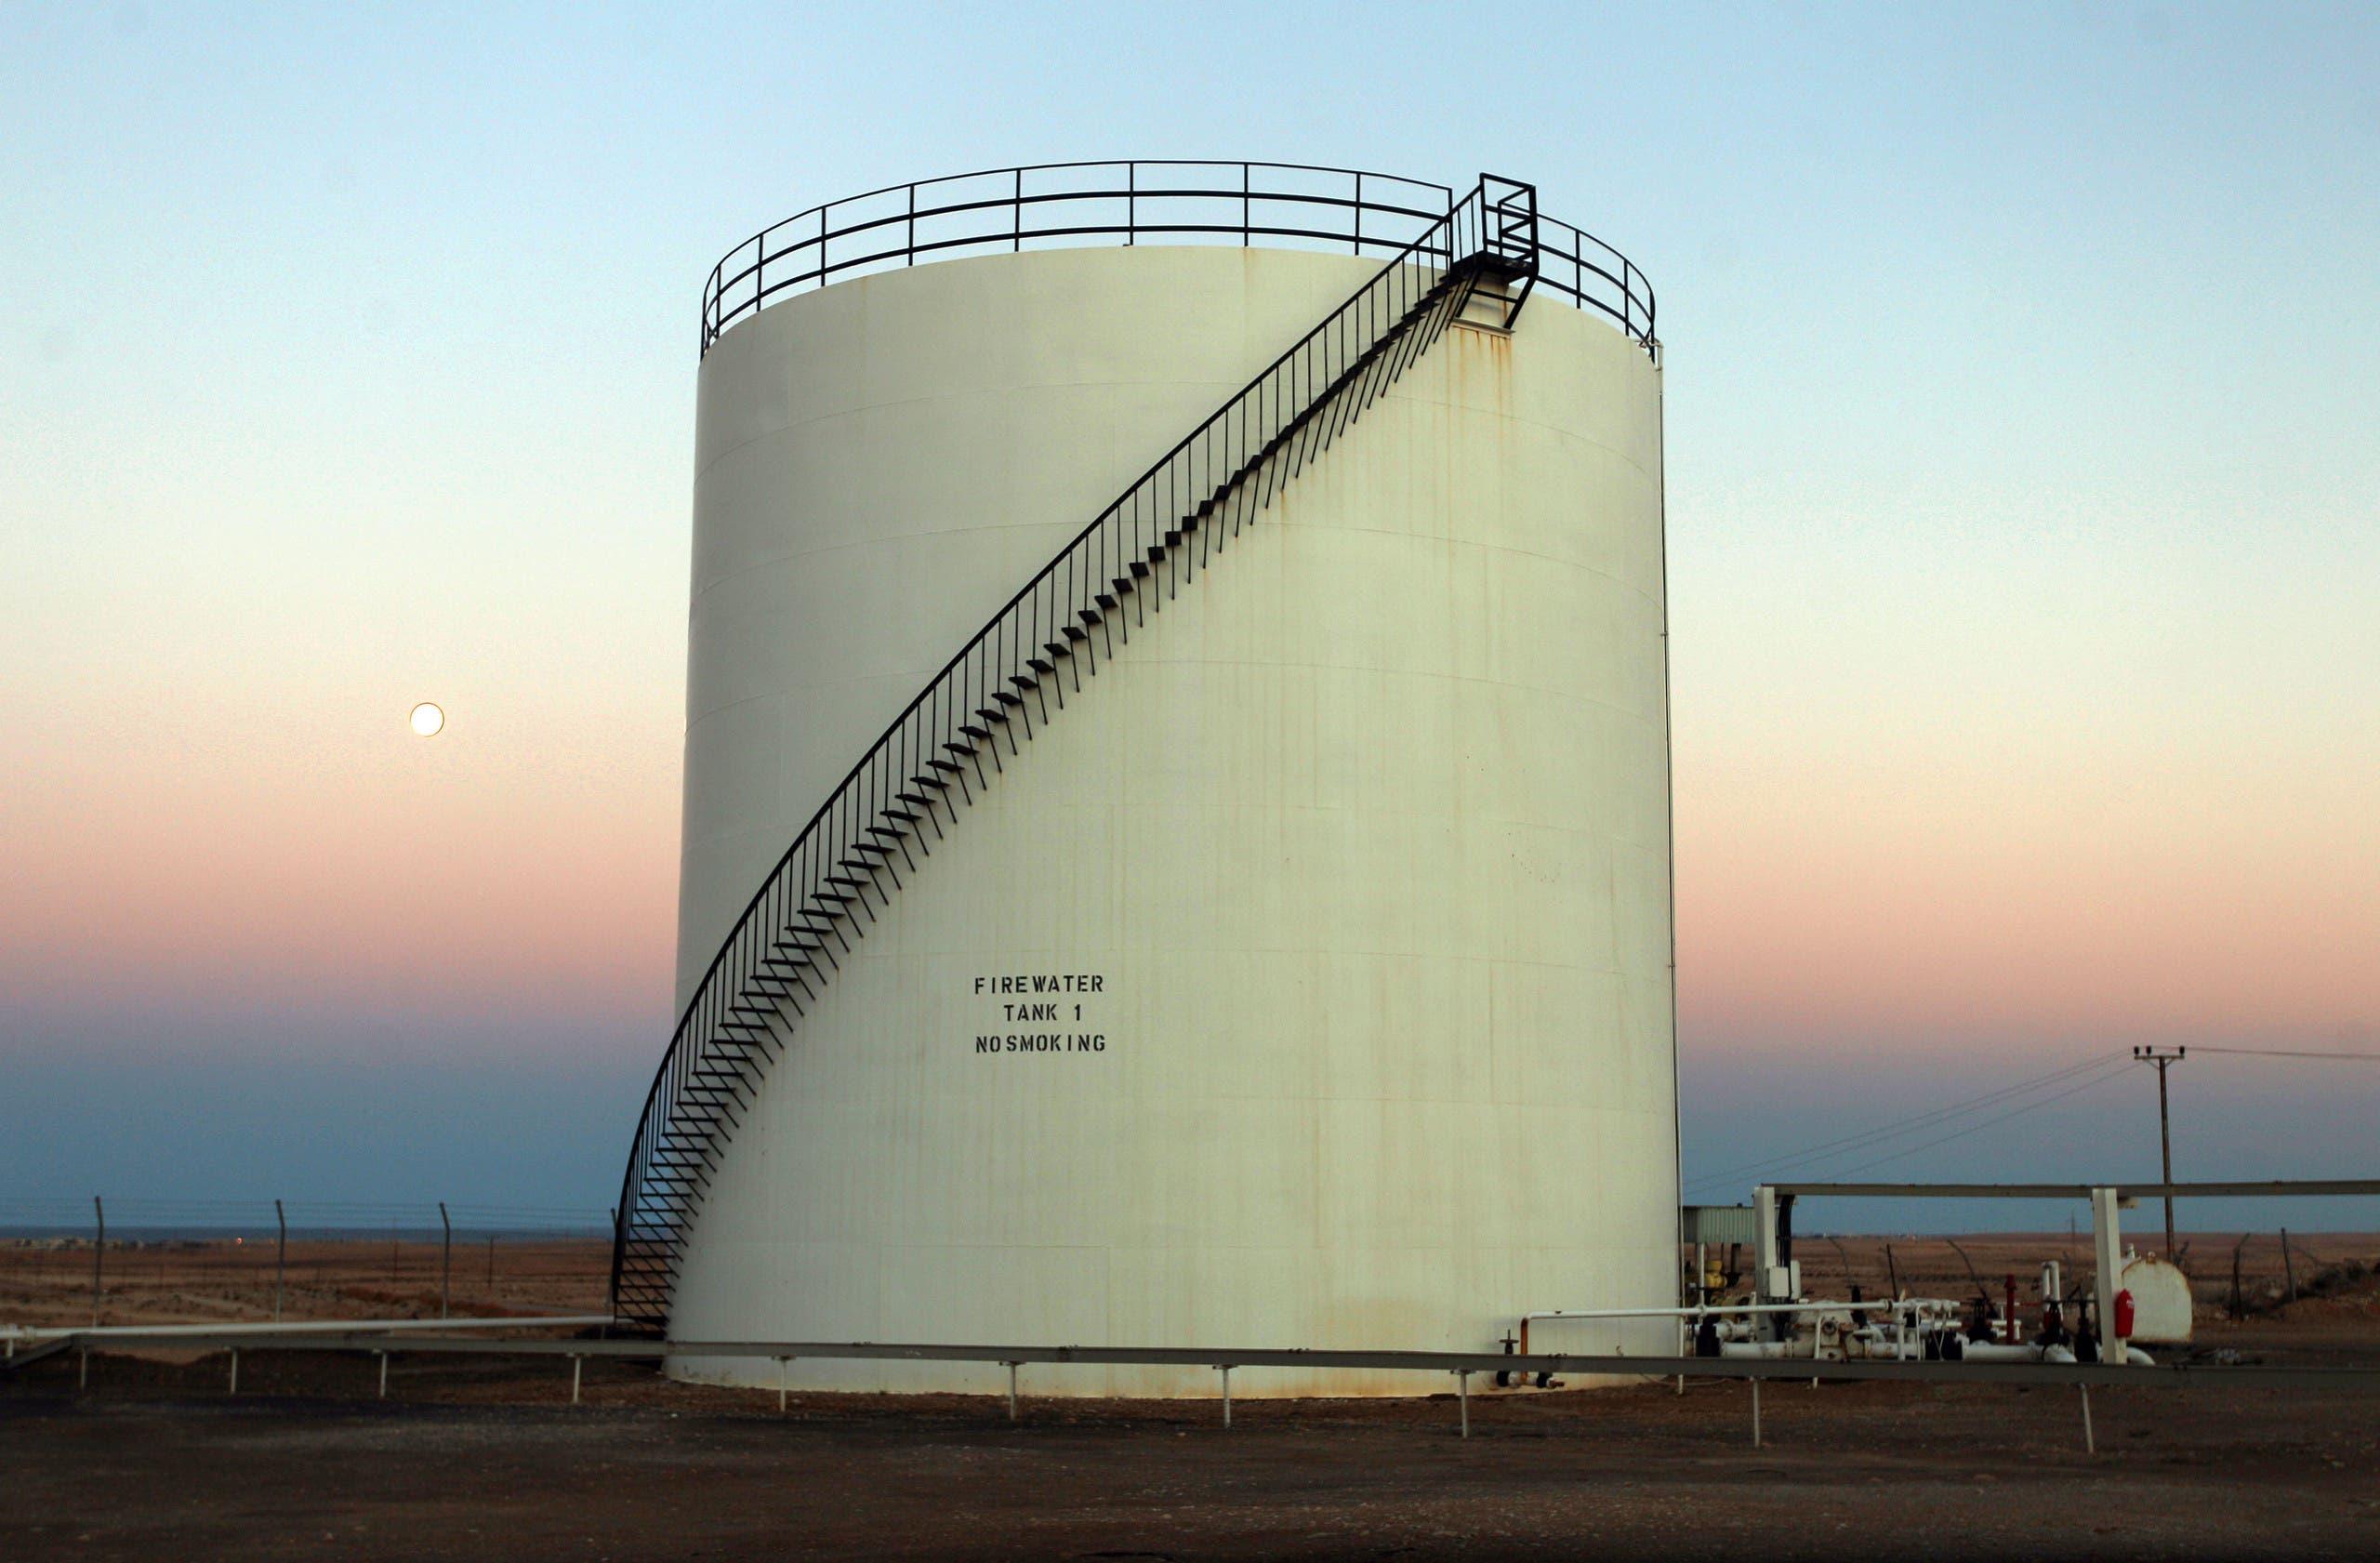 من ميناء السدرة النفطي شرق ليبيا